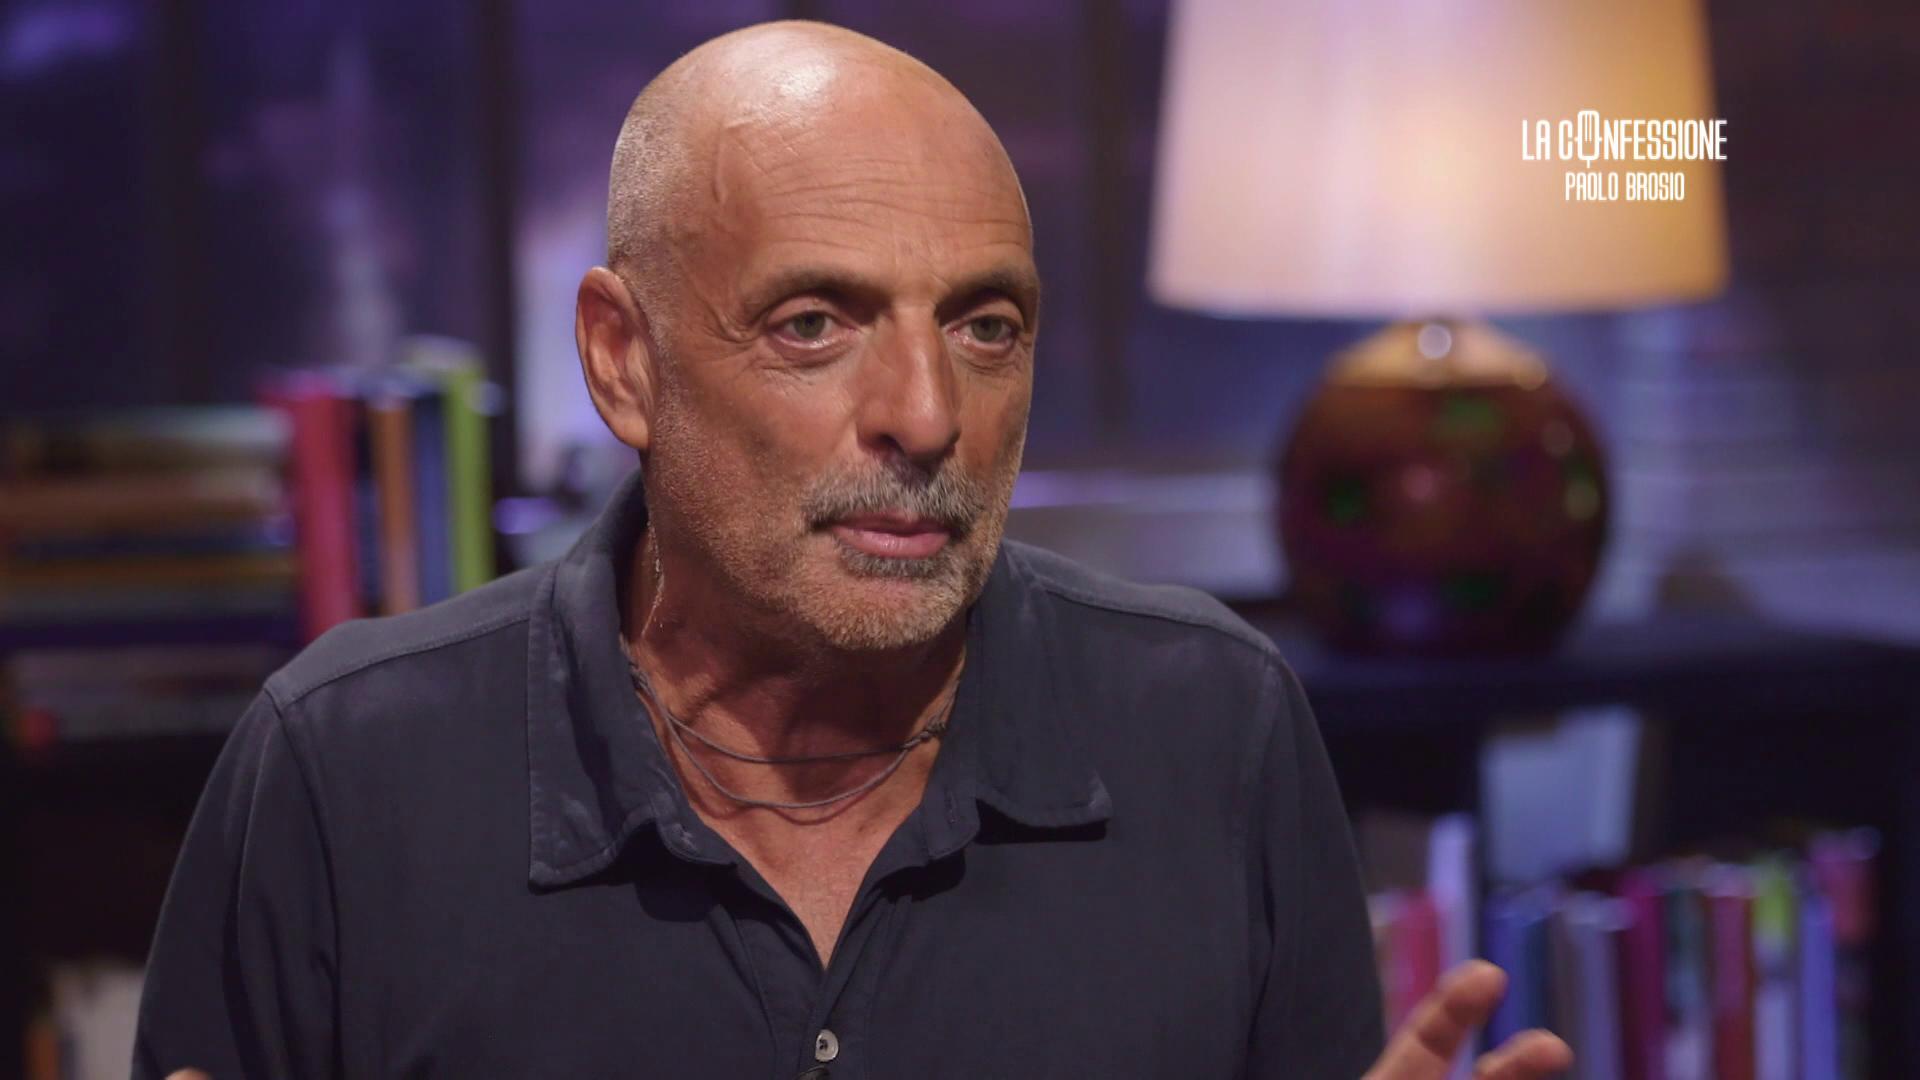 Paolo Brosio e il mancato ingresso al GF Vip, l'aggiornamento dall'ospedale preoccupa tutti